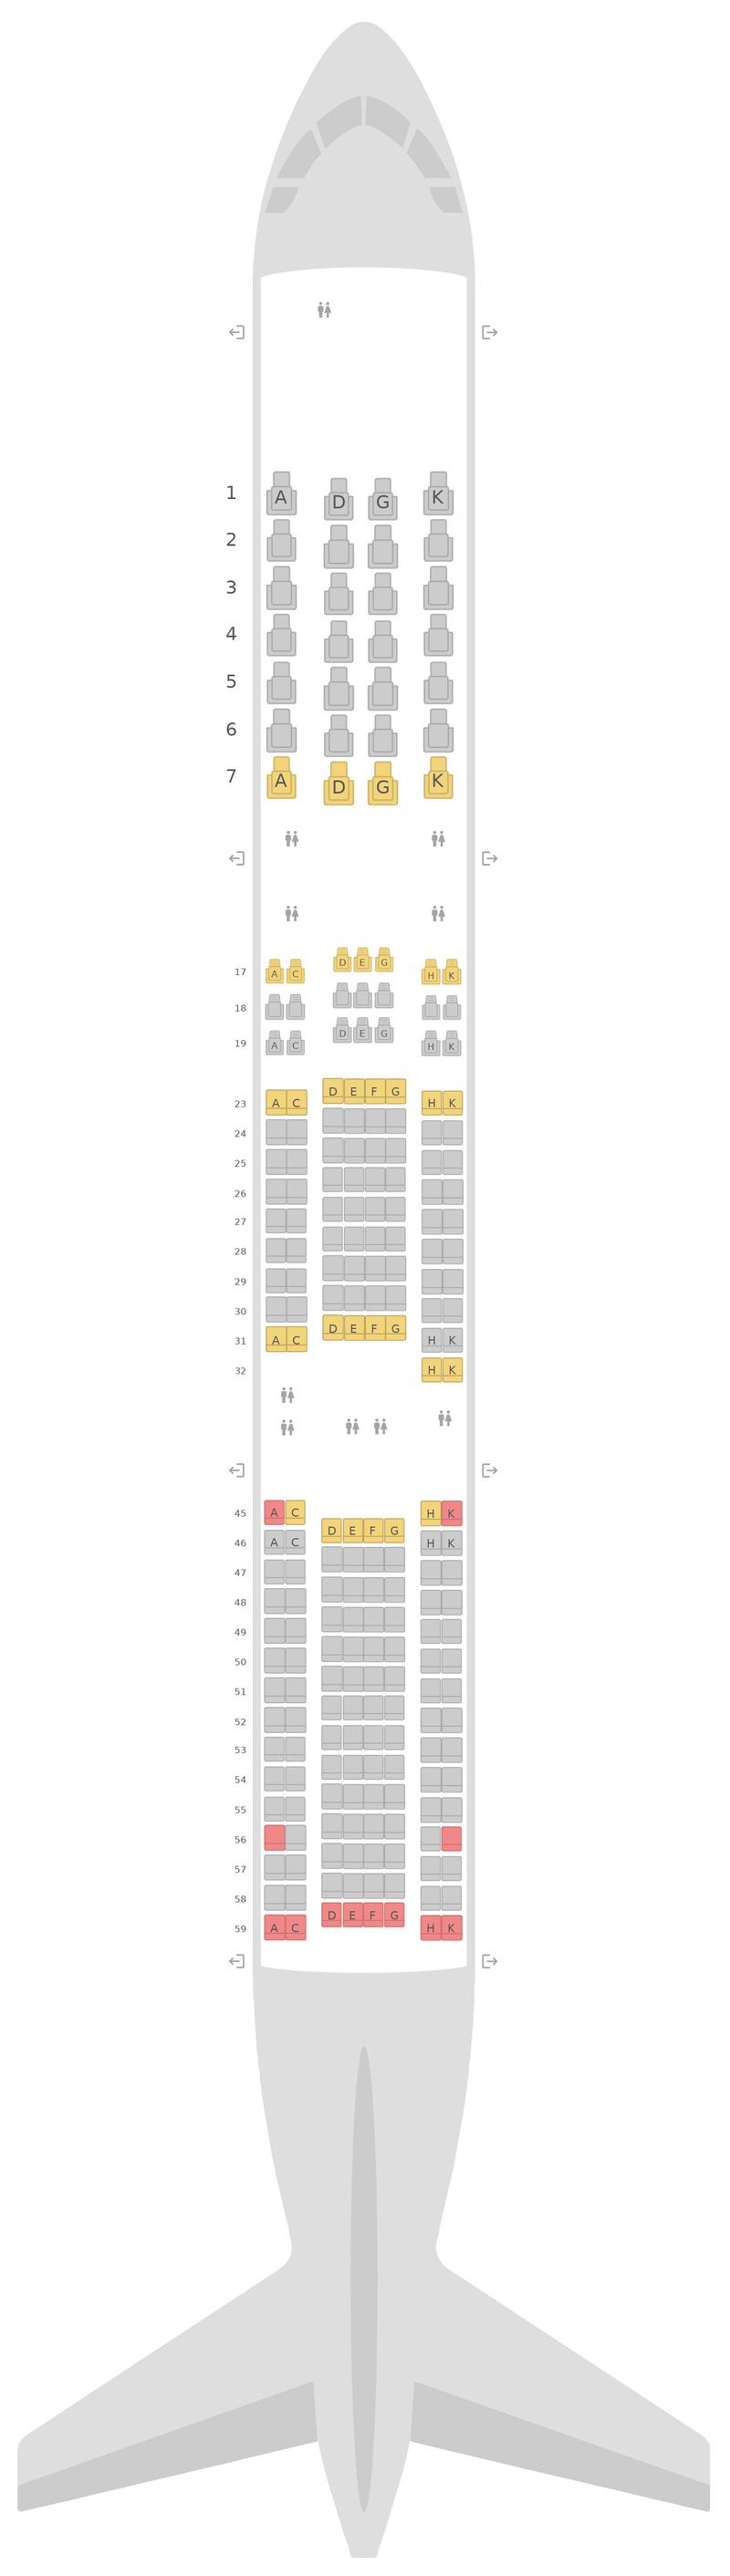 Sitzplan Boeing 787-9 (789) v1 Japan Airlines (JAL)